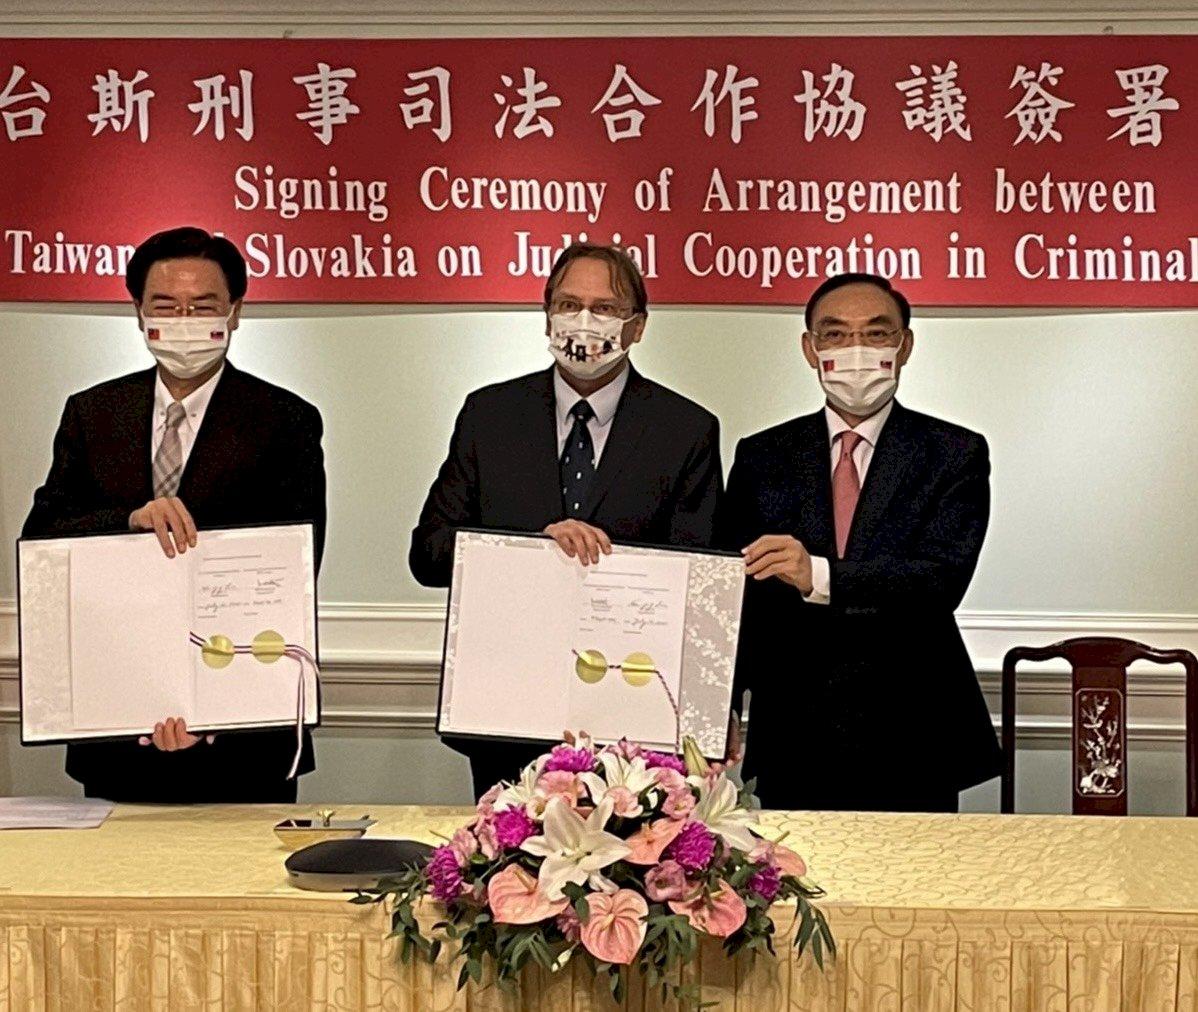 法務部:台灣與斯洛伐克簽刑事司法合作協議